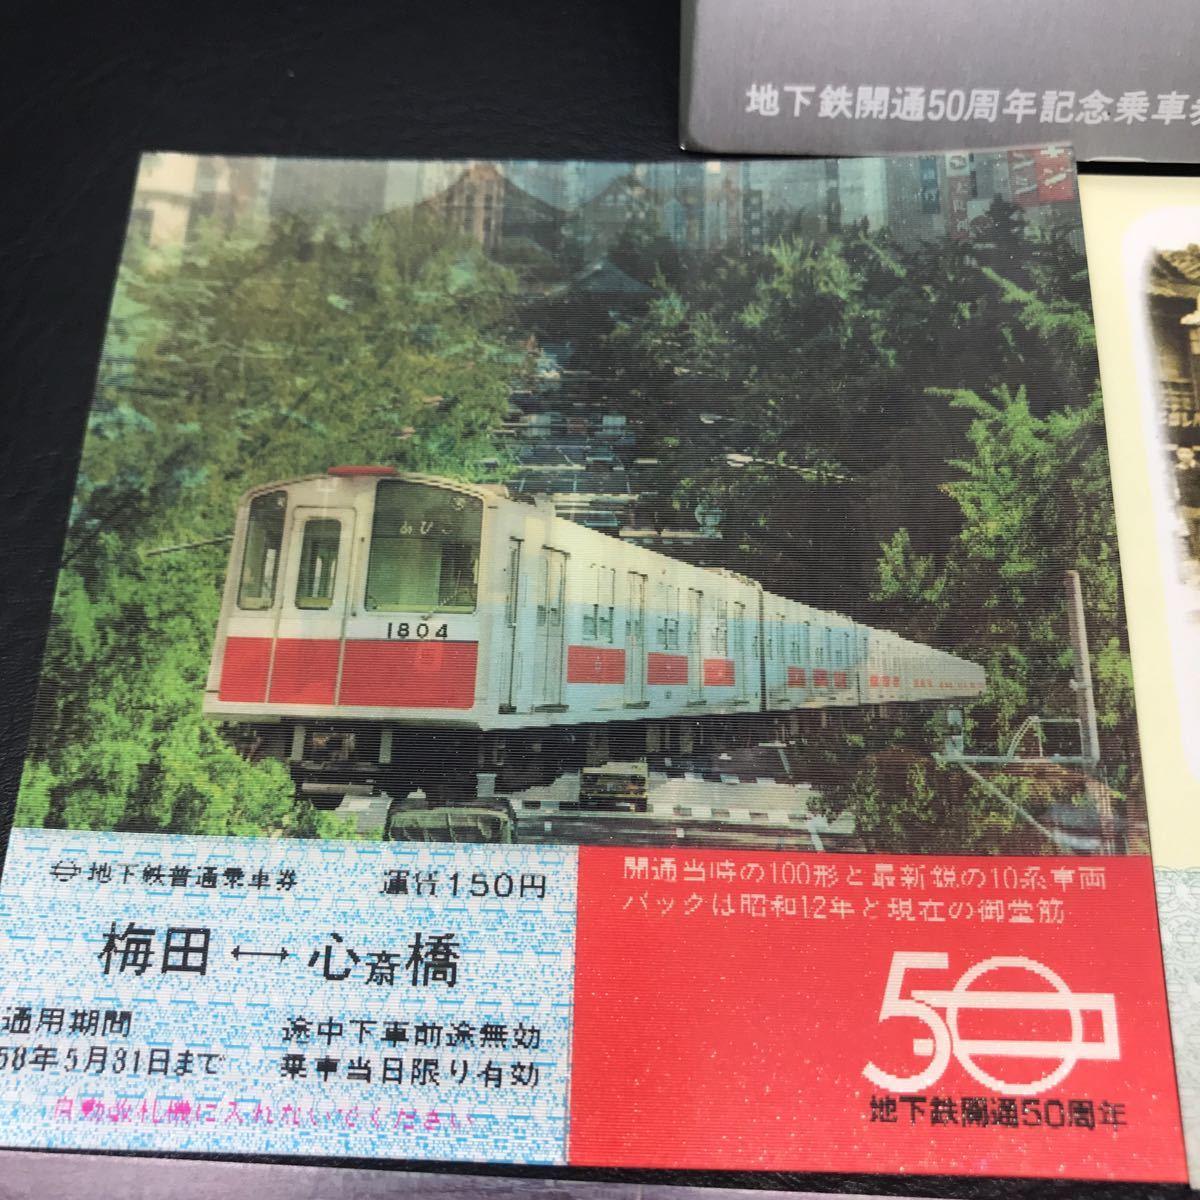 1111 大阪市交通局 地下鉄開通50周年記念乗車券 昭和58年 4枚 当時物 コレクション 鉄道資料_画像5